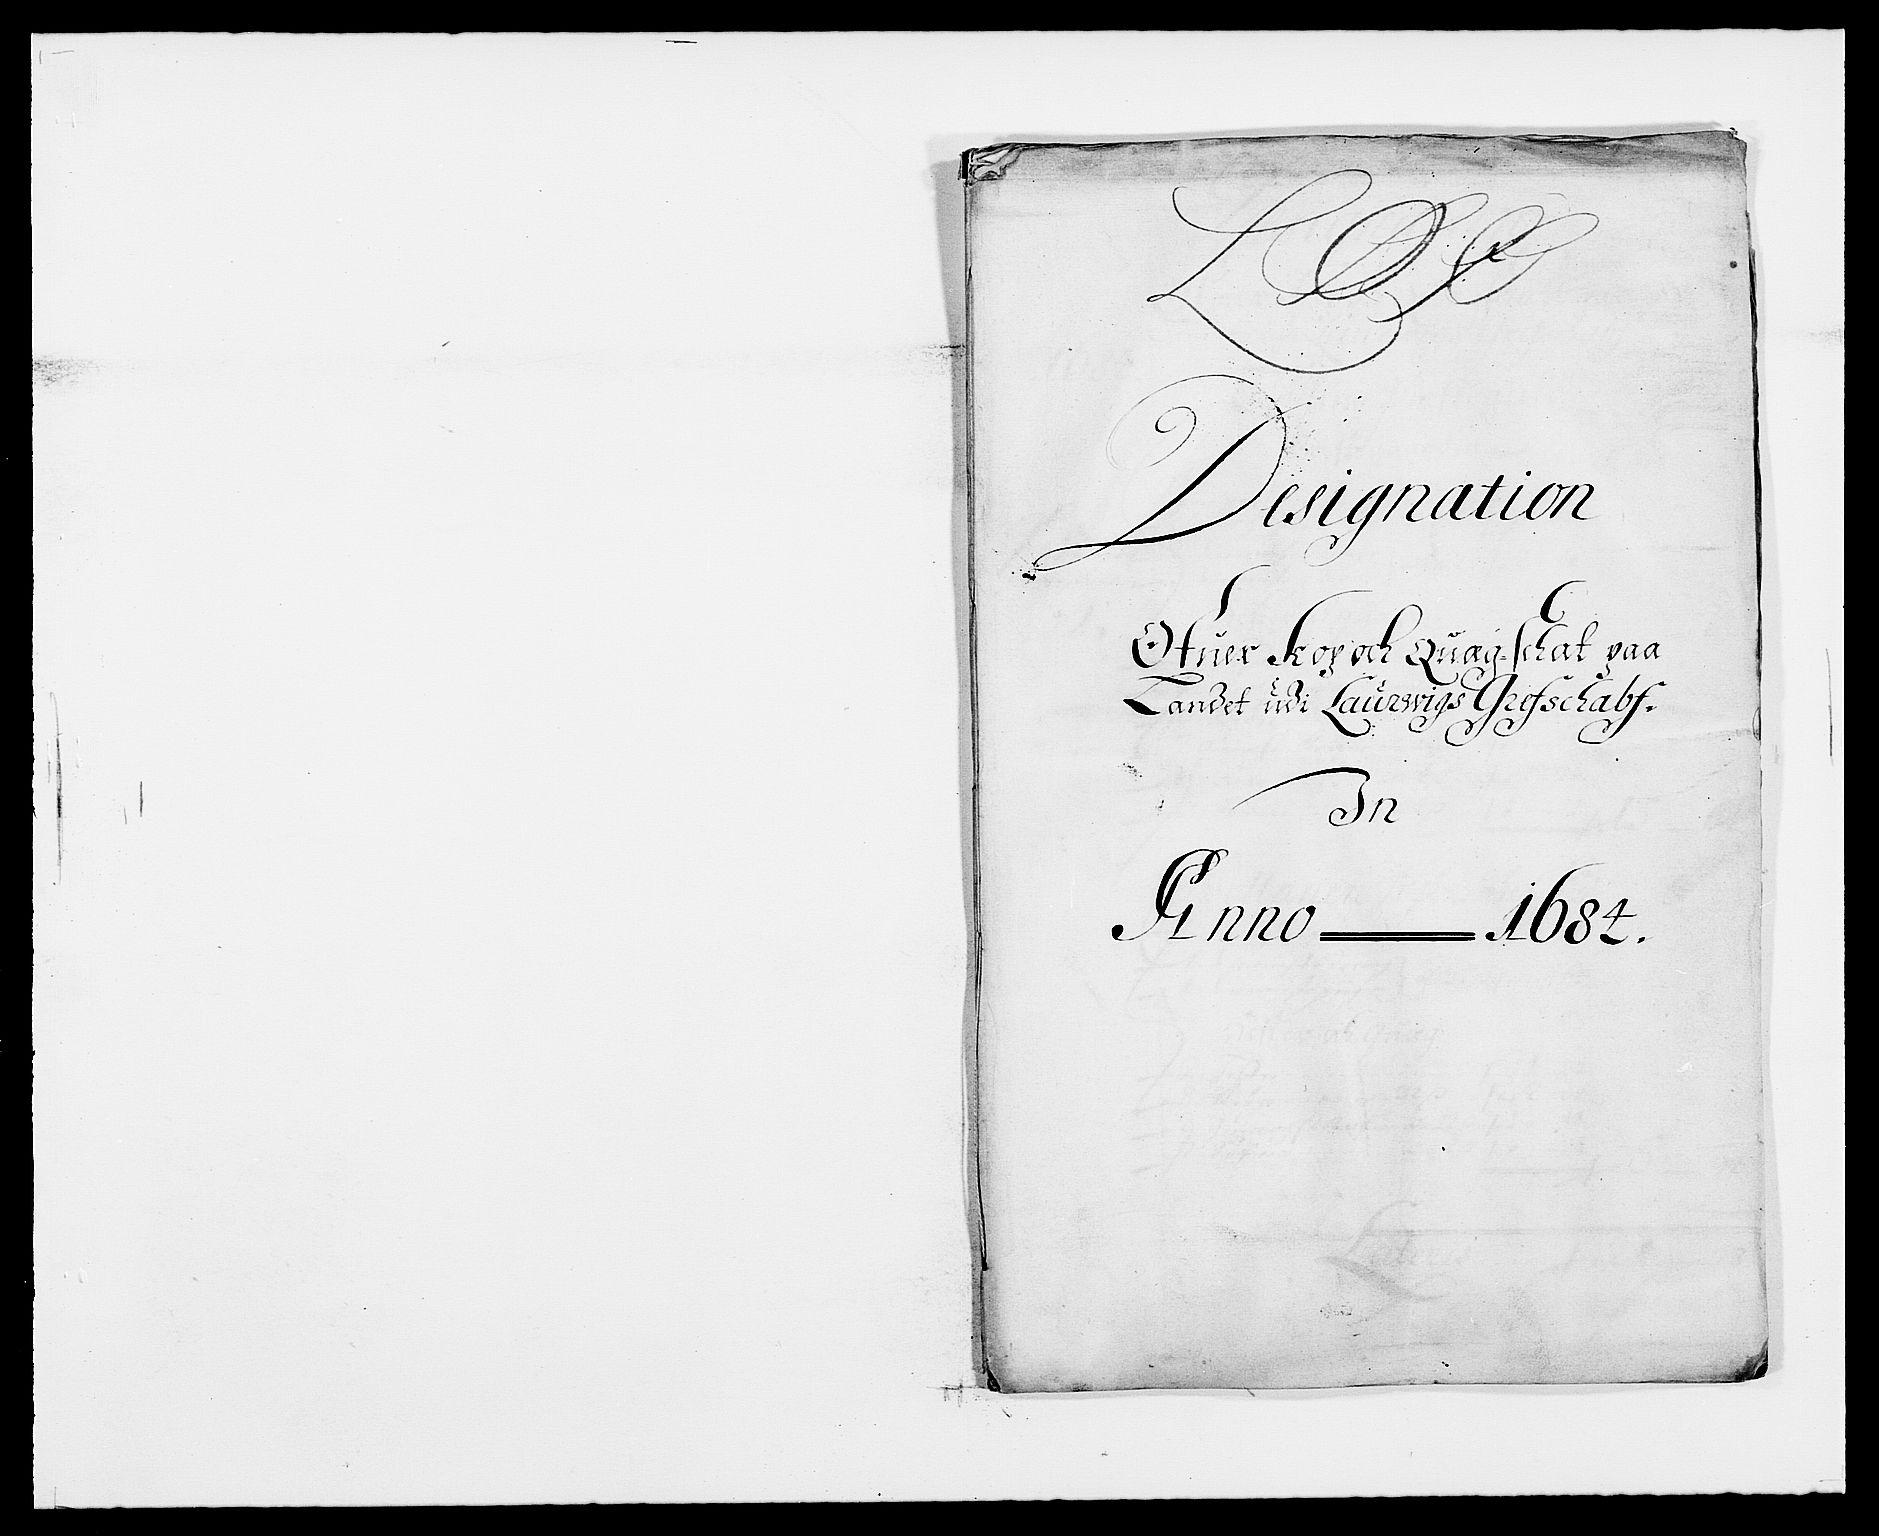 RA, Rentekammeret inntil 1814, Reviderte regnskaper, Fogderegnskap, R33/L1969: Fogderegnskap Larvik grevskap, 1675-1687, s. 447